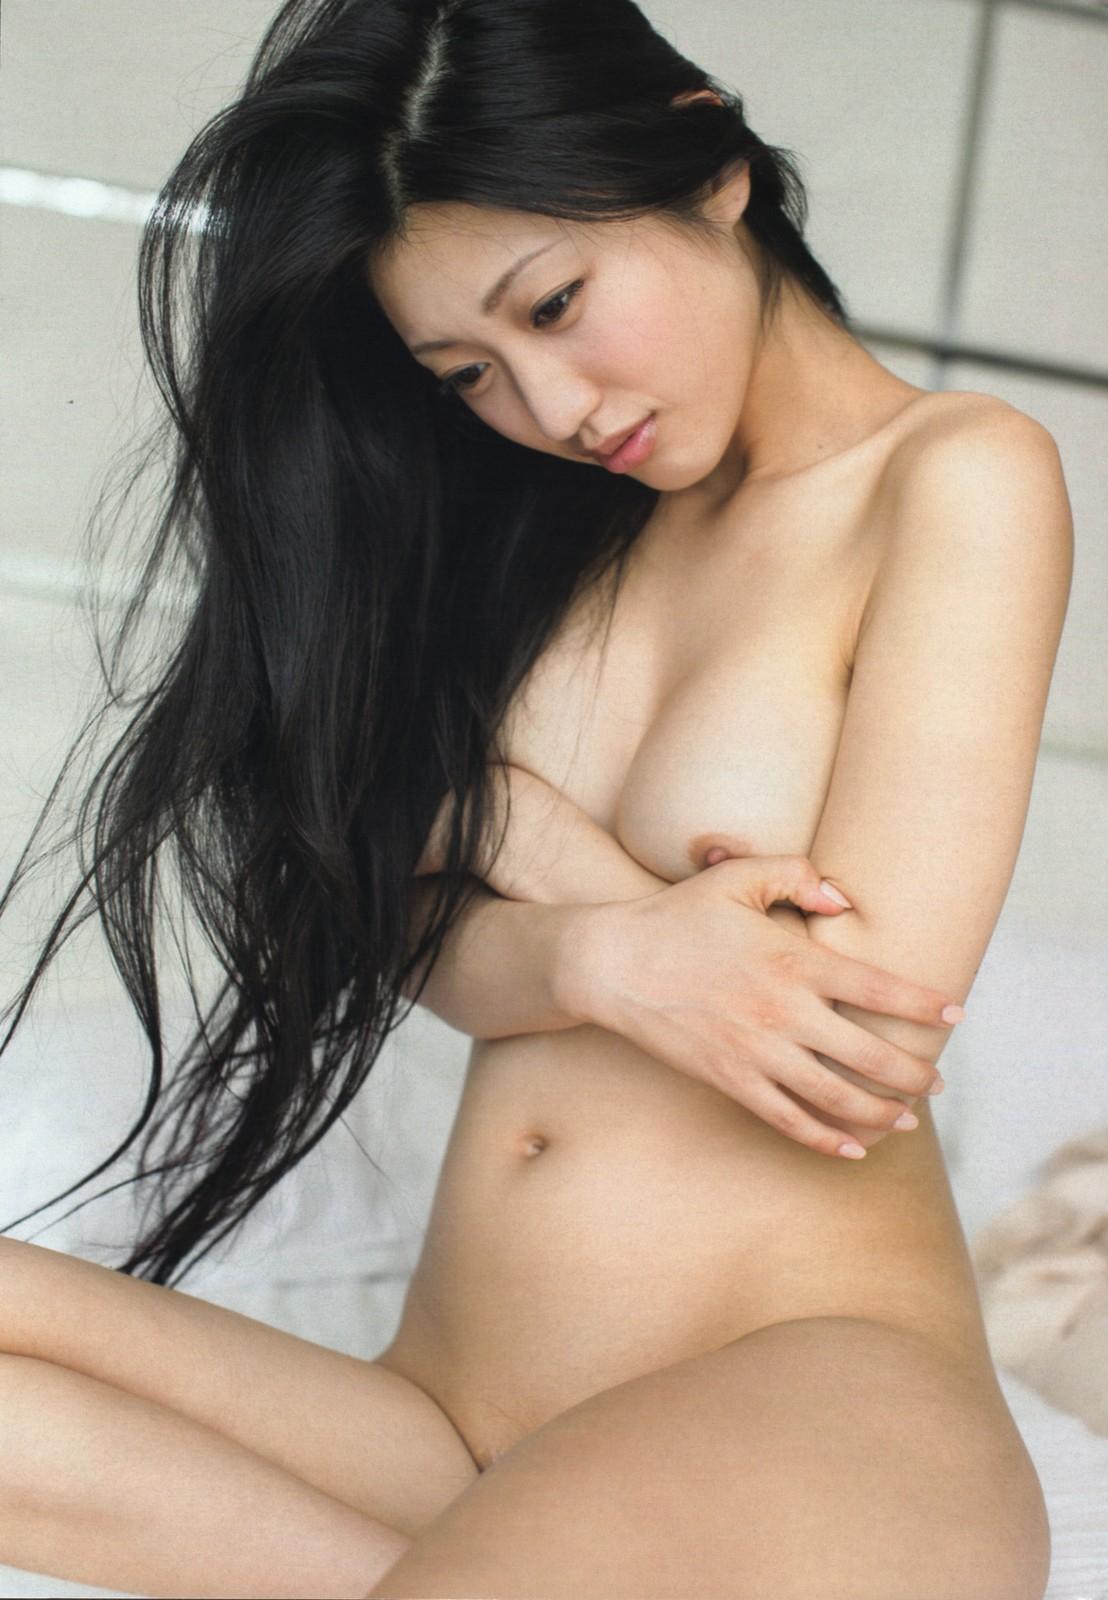 美女全裸画像 51